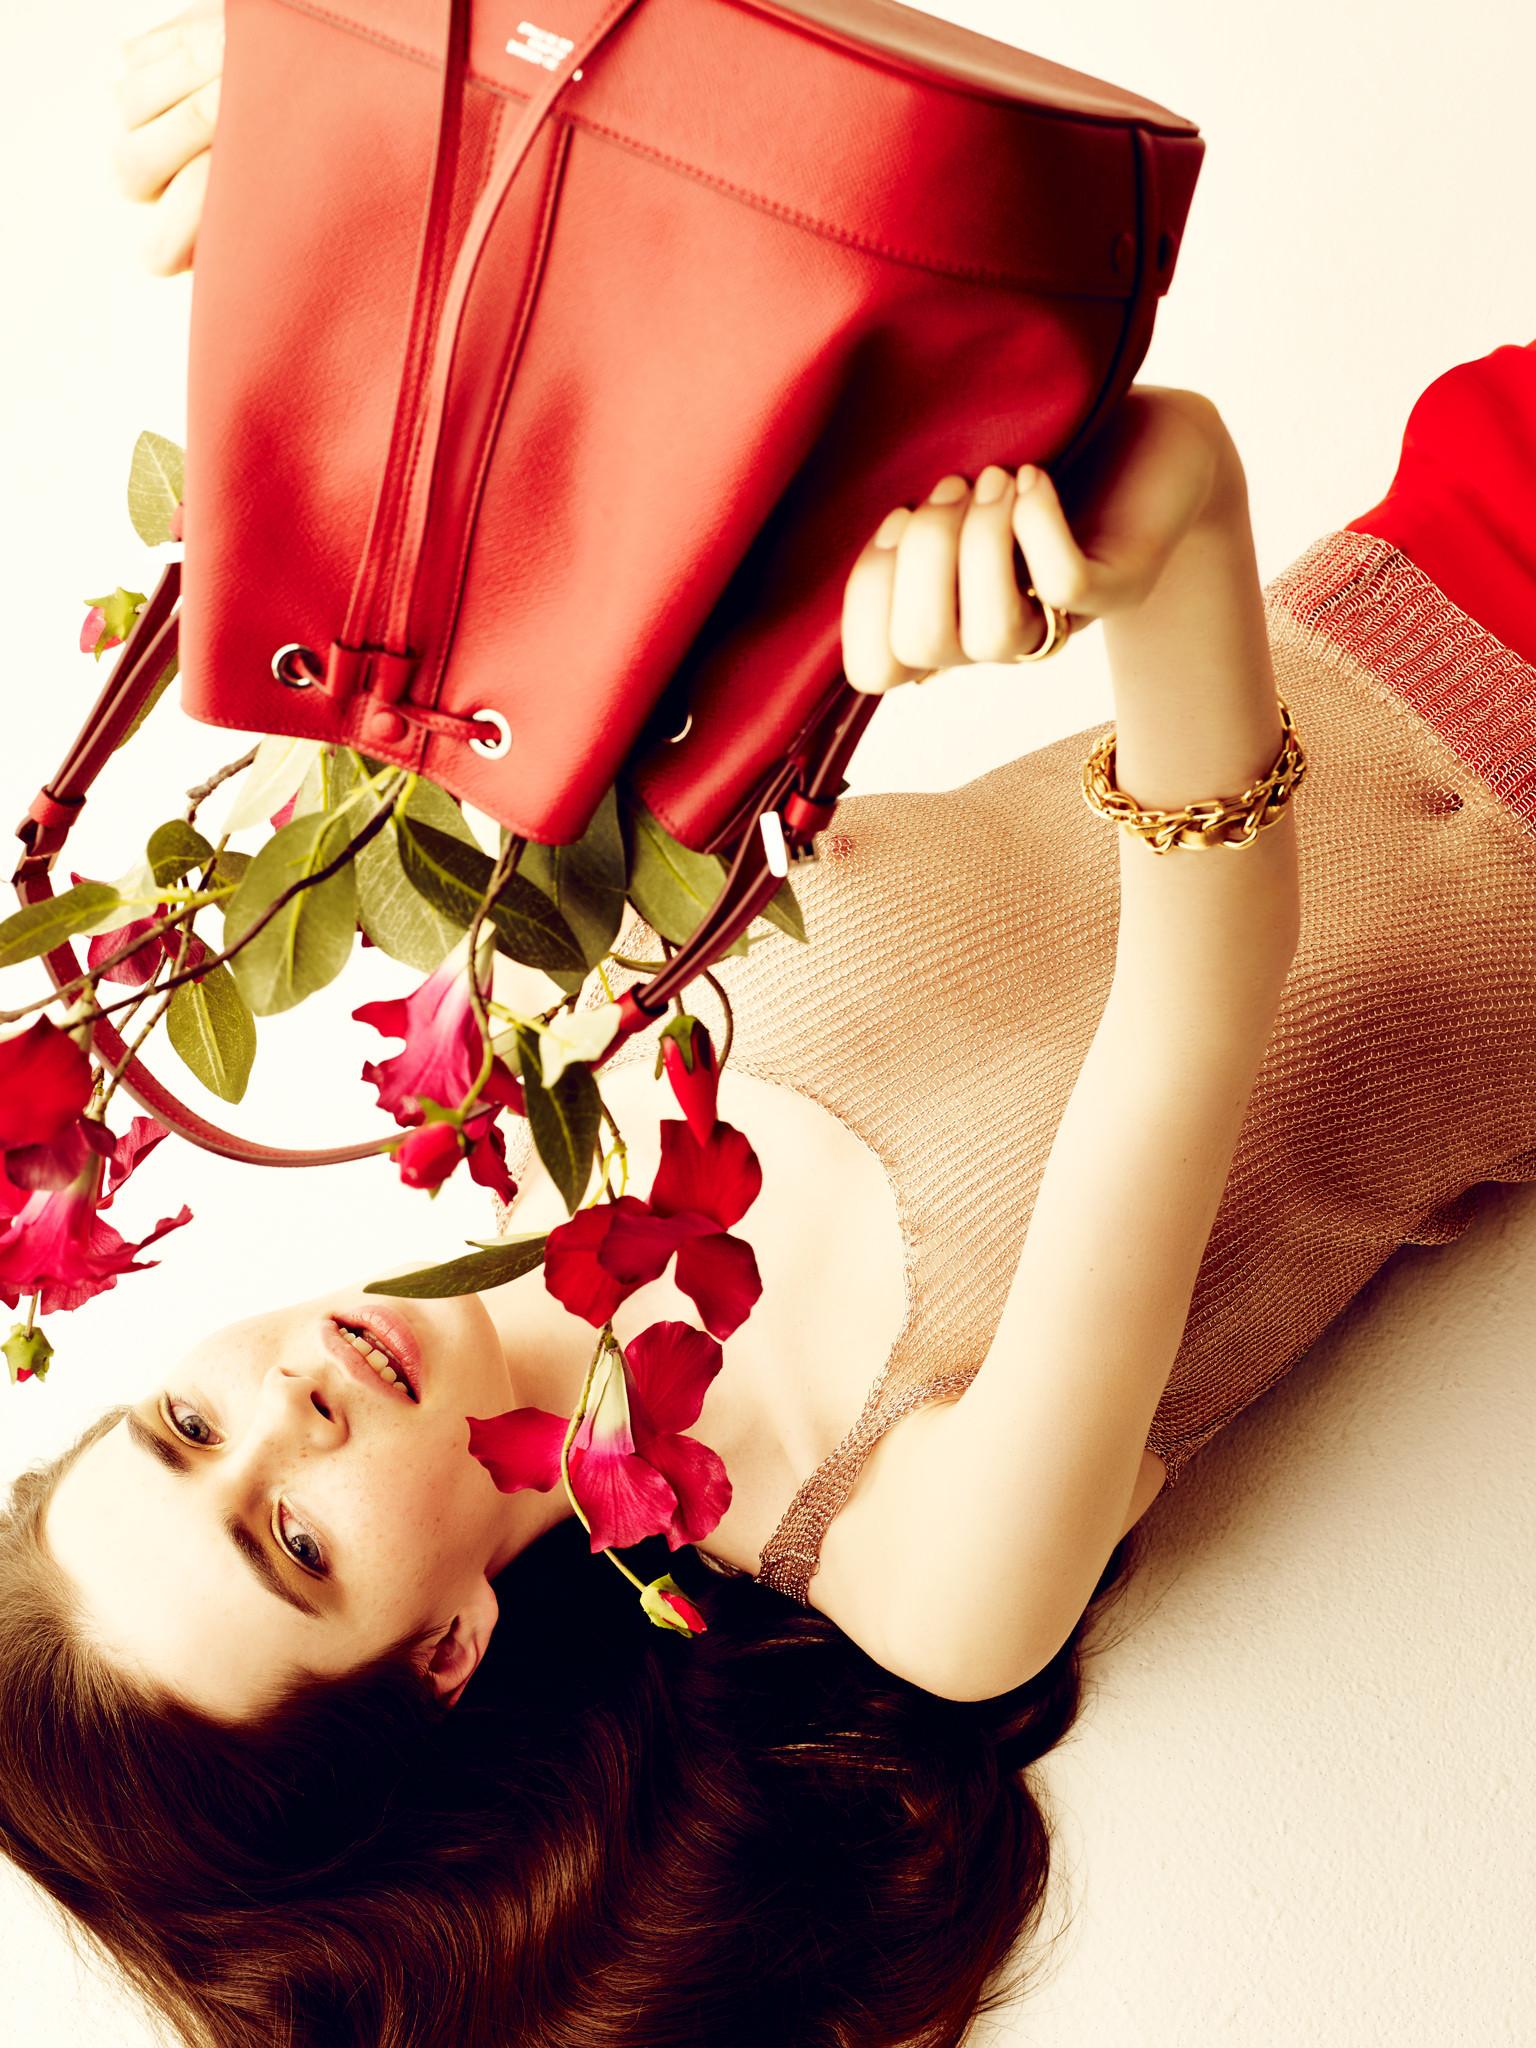 2015_Vogue_Bags&flowers43356.jpg